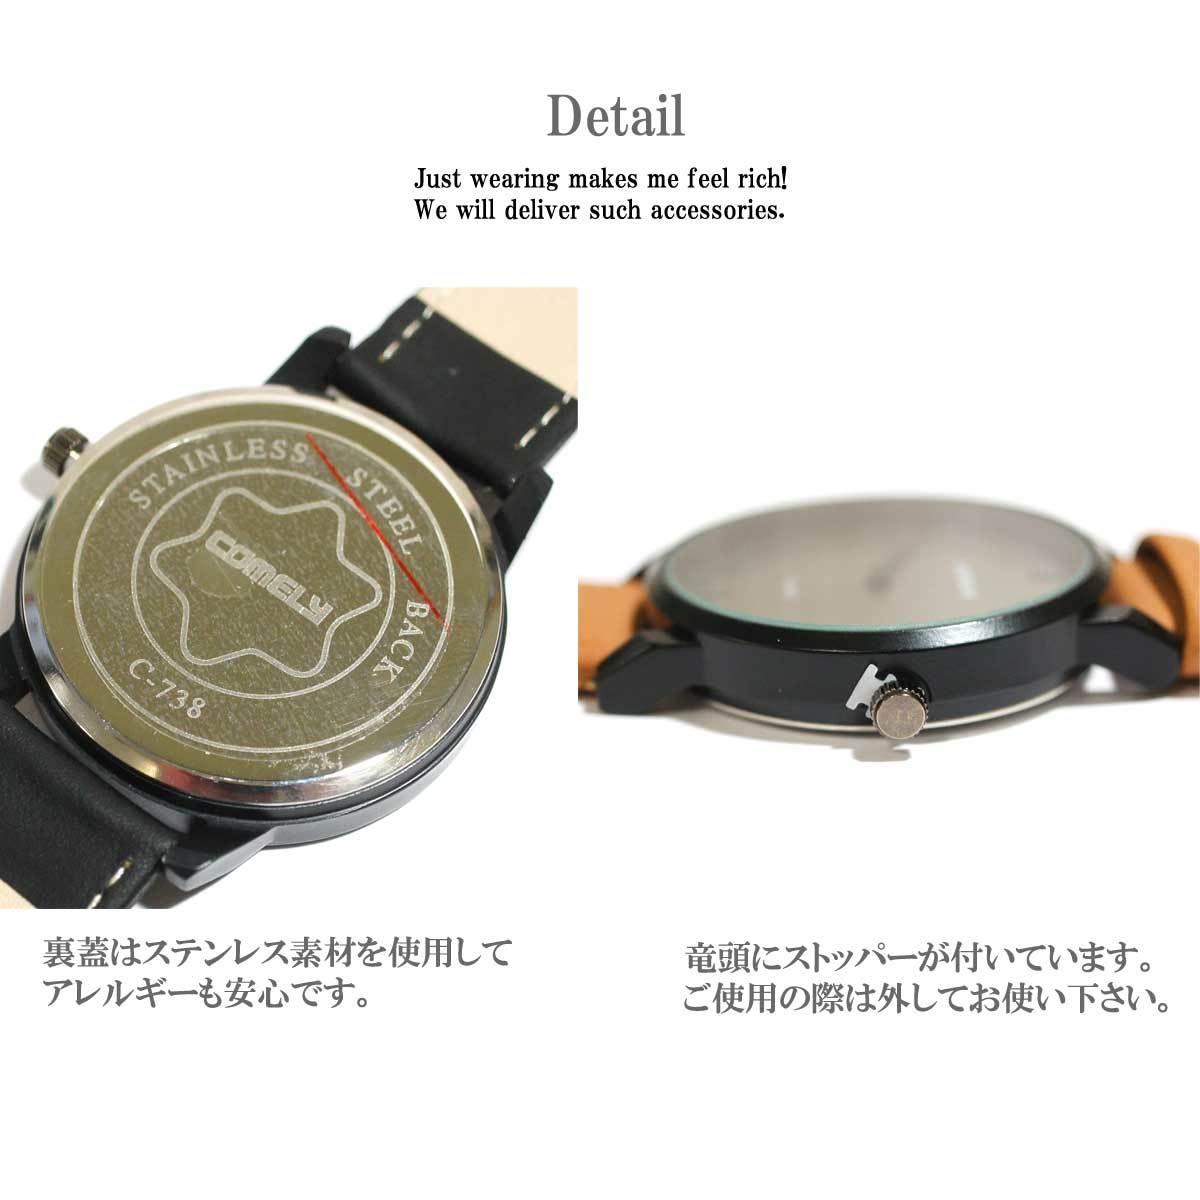 632f4e5c74 メンズウォッチ メンズ 時計 出来る男のカジュアルウォッチ! ヌバックスエードウォッチ 腕時計 ブレスレット カジュアル時計 メンズ時計 レザー時計  革 ブレスレット ...